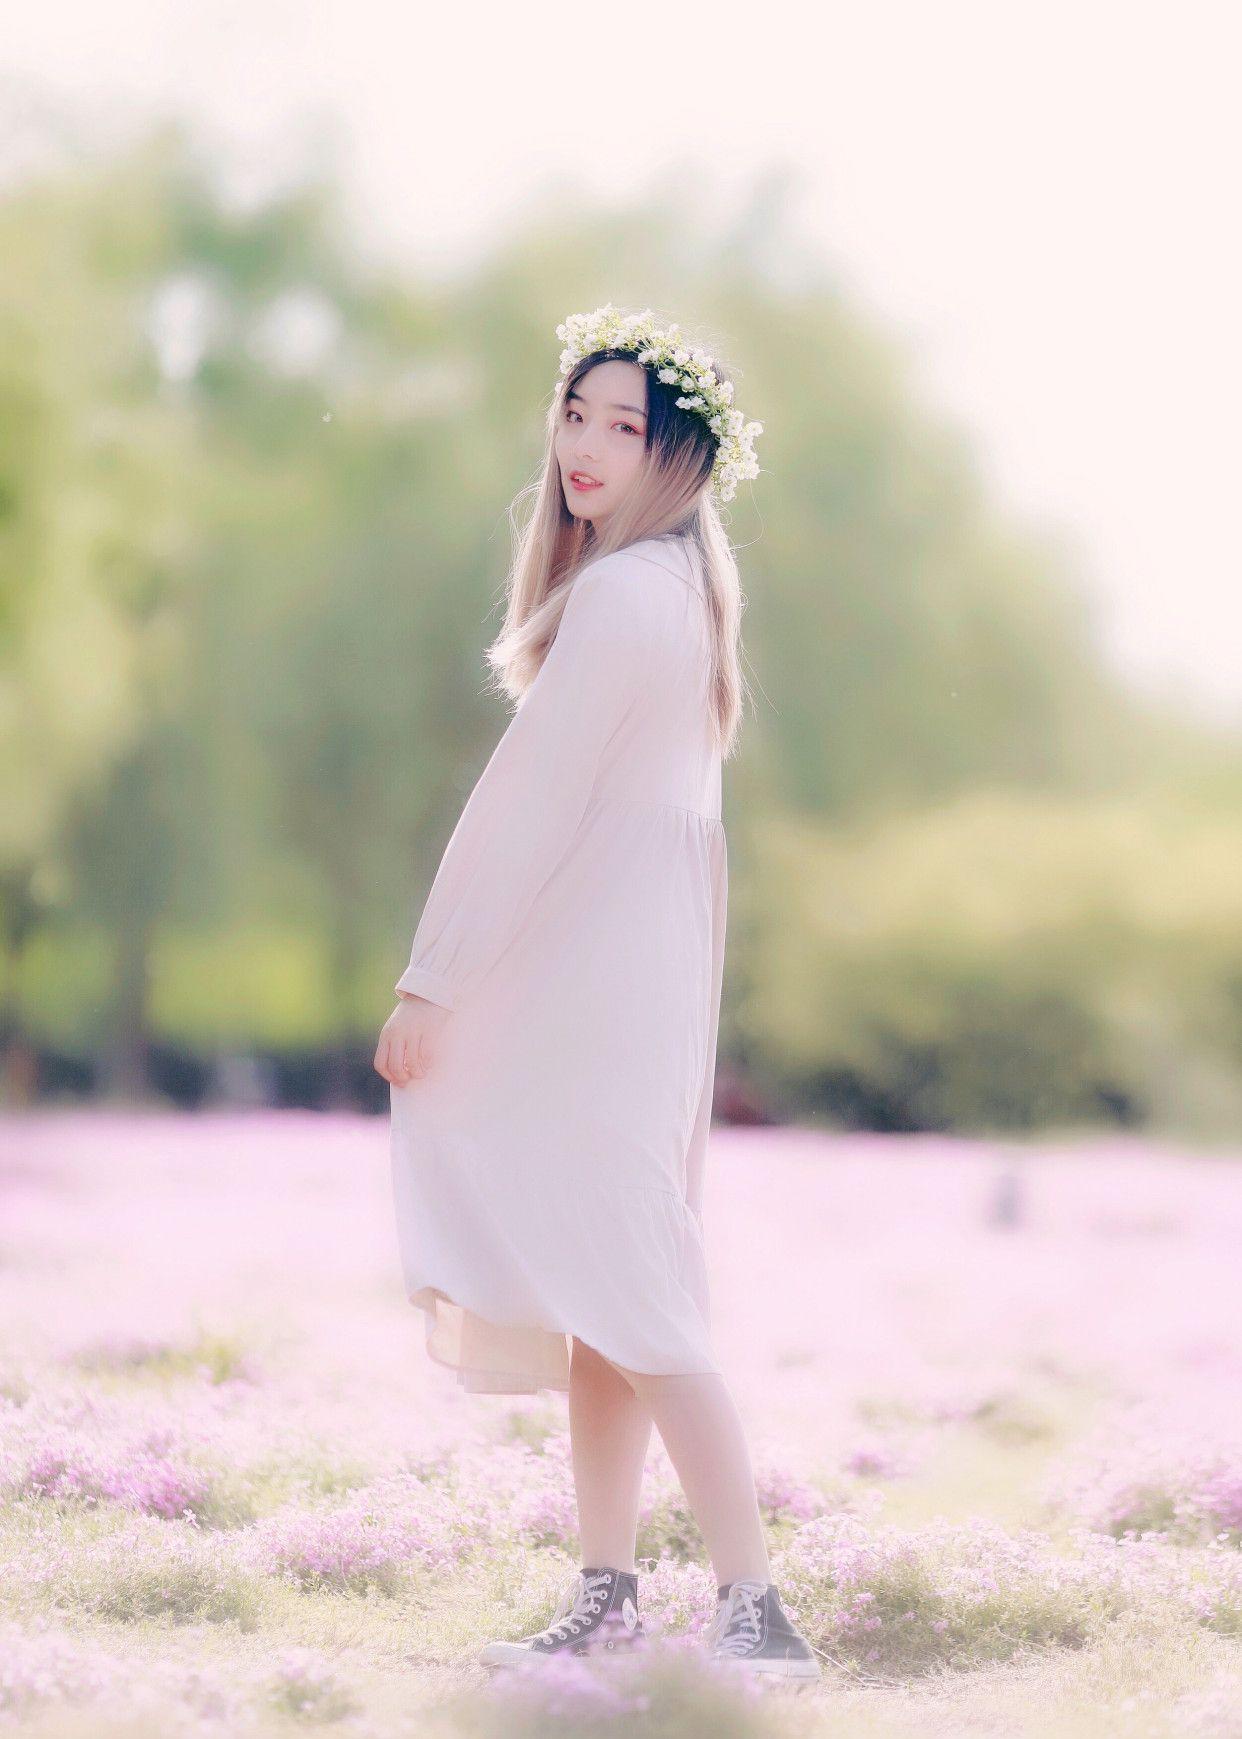 徜徉在花海绿地穿白裙的女孩儿